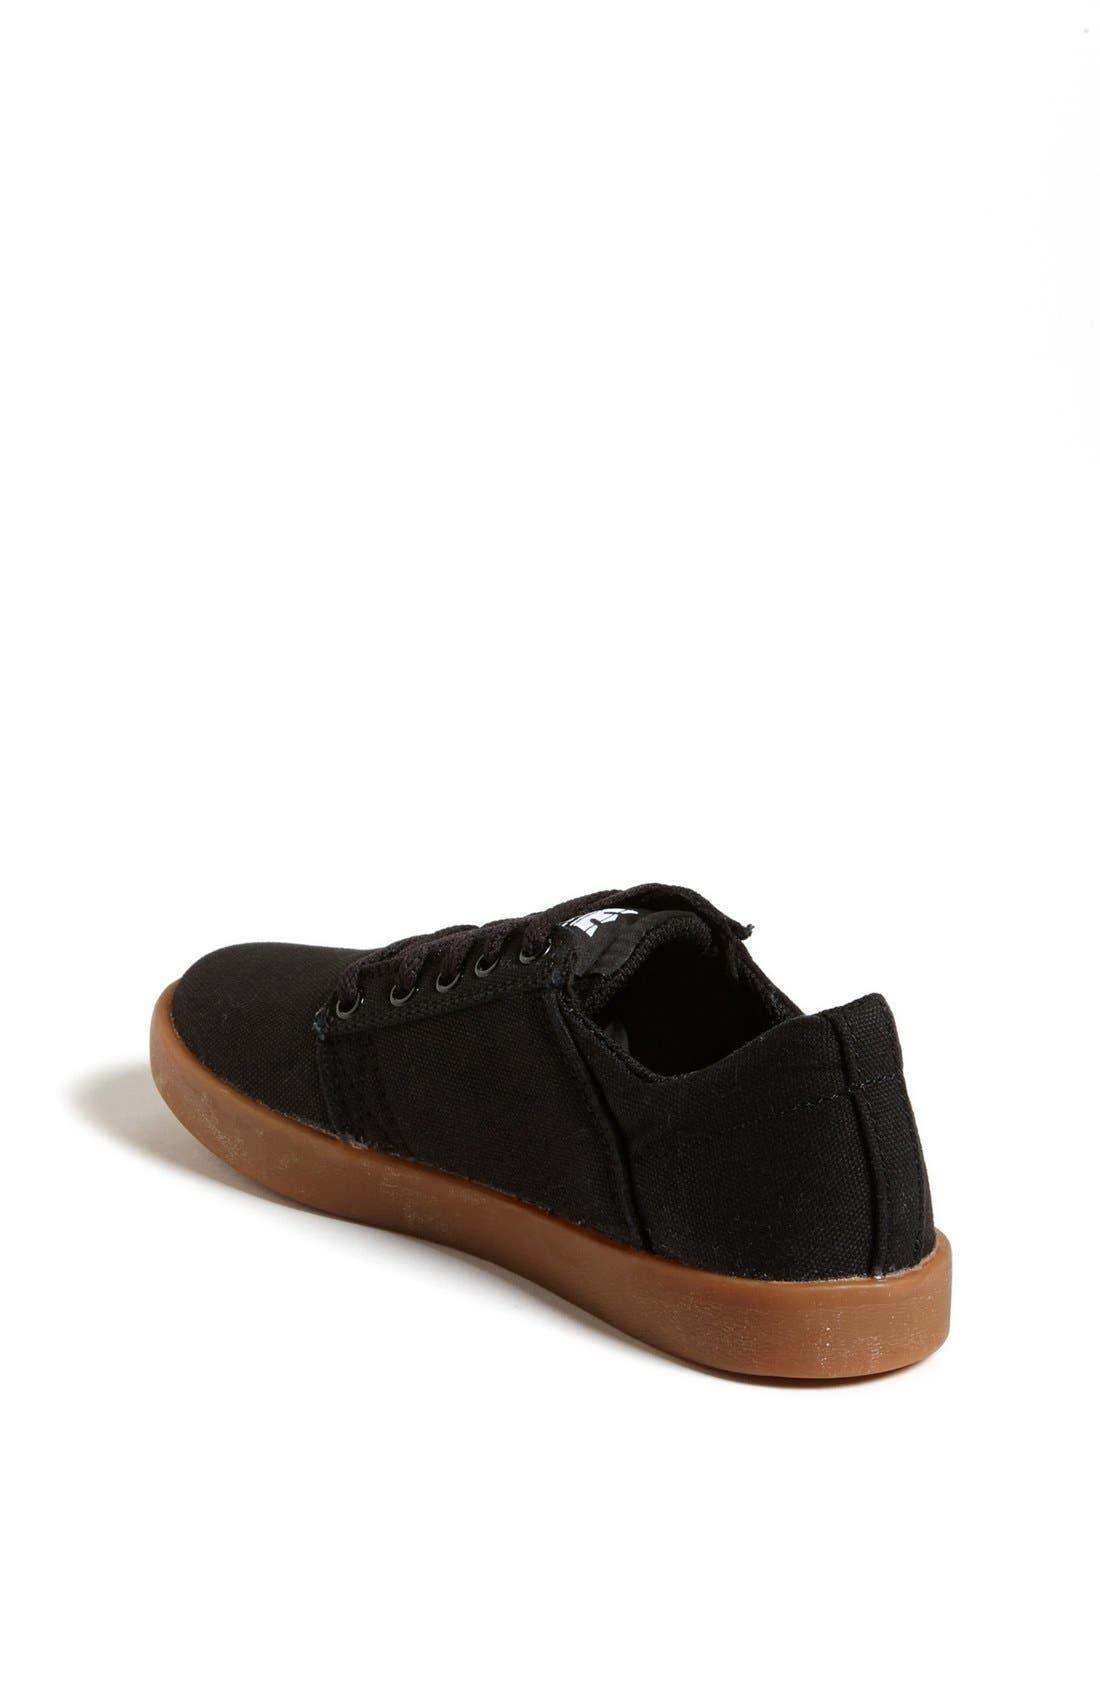 'Westway' Sneaker,                             Alternate thumbnail 3, color,                             001